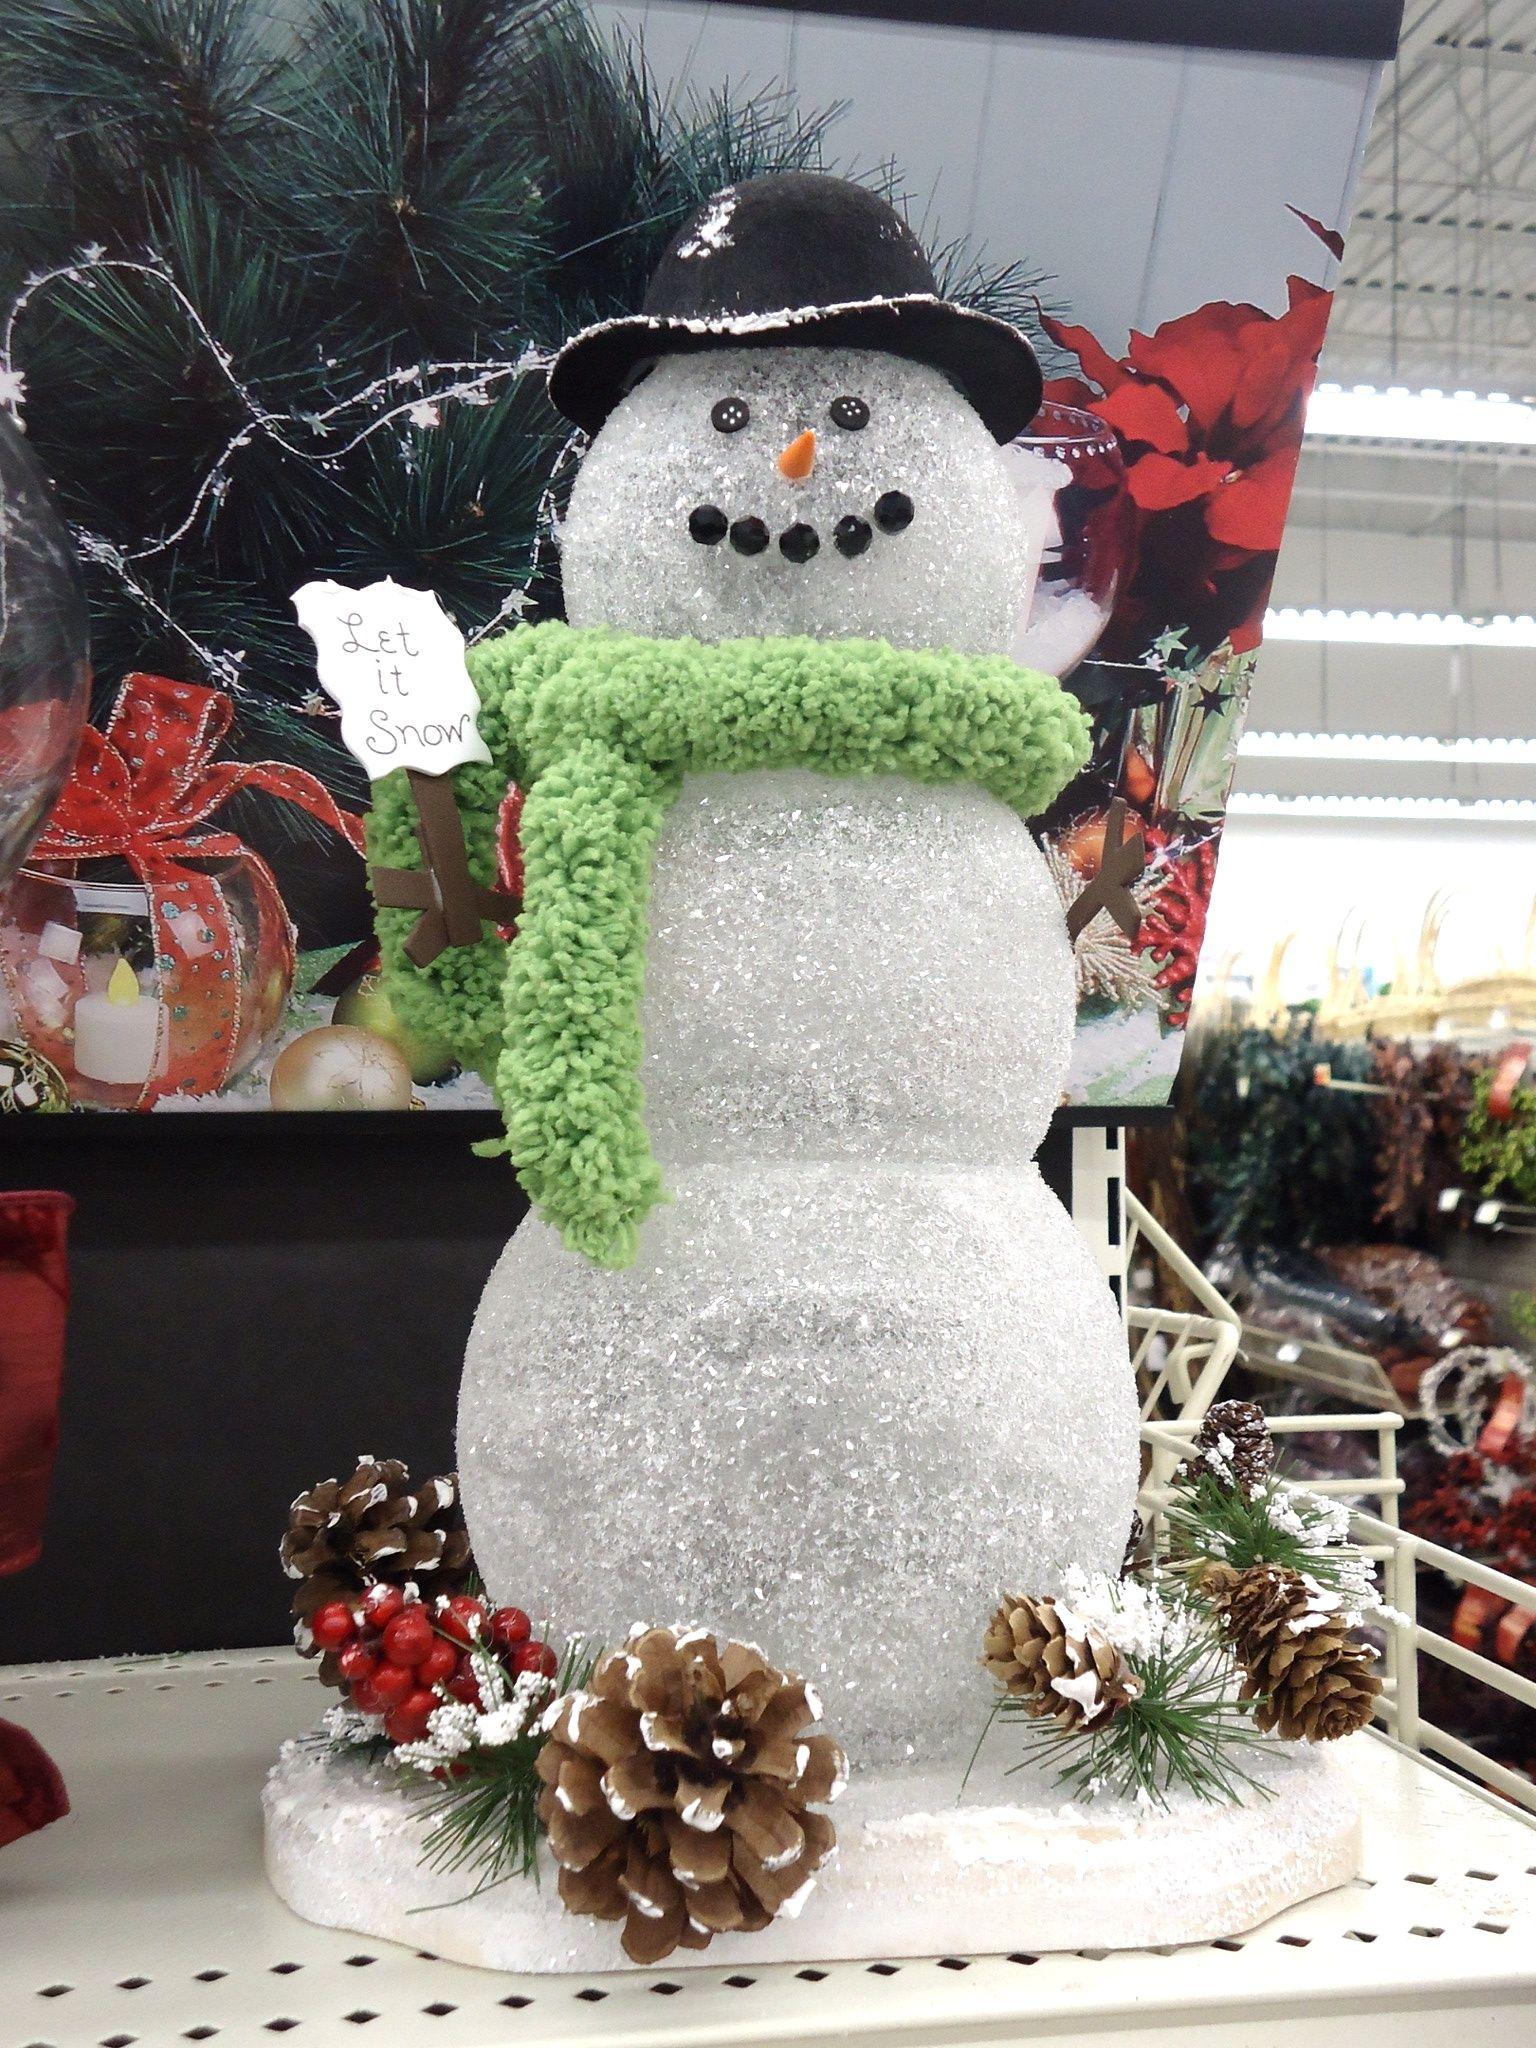 Över 1 000 bilder om ac moore stuff på julgranar deco Över 1 000 bilder om ac moore stuff på julgranar deco mesh och Ängel